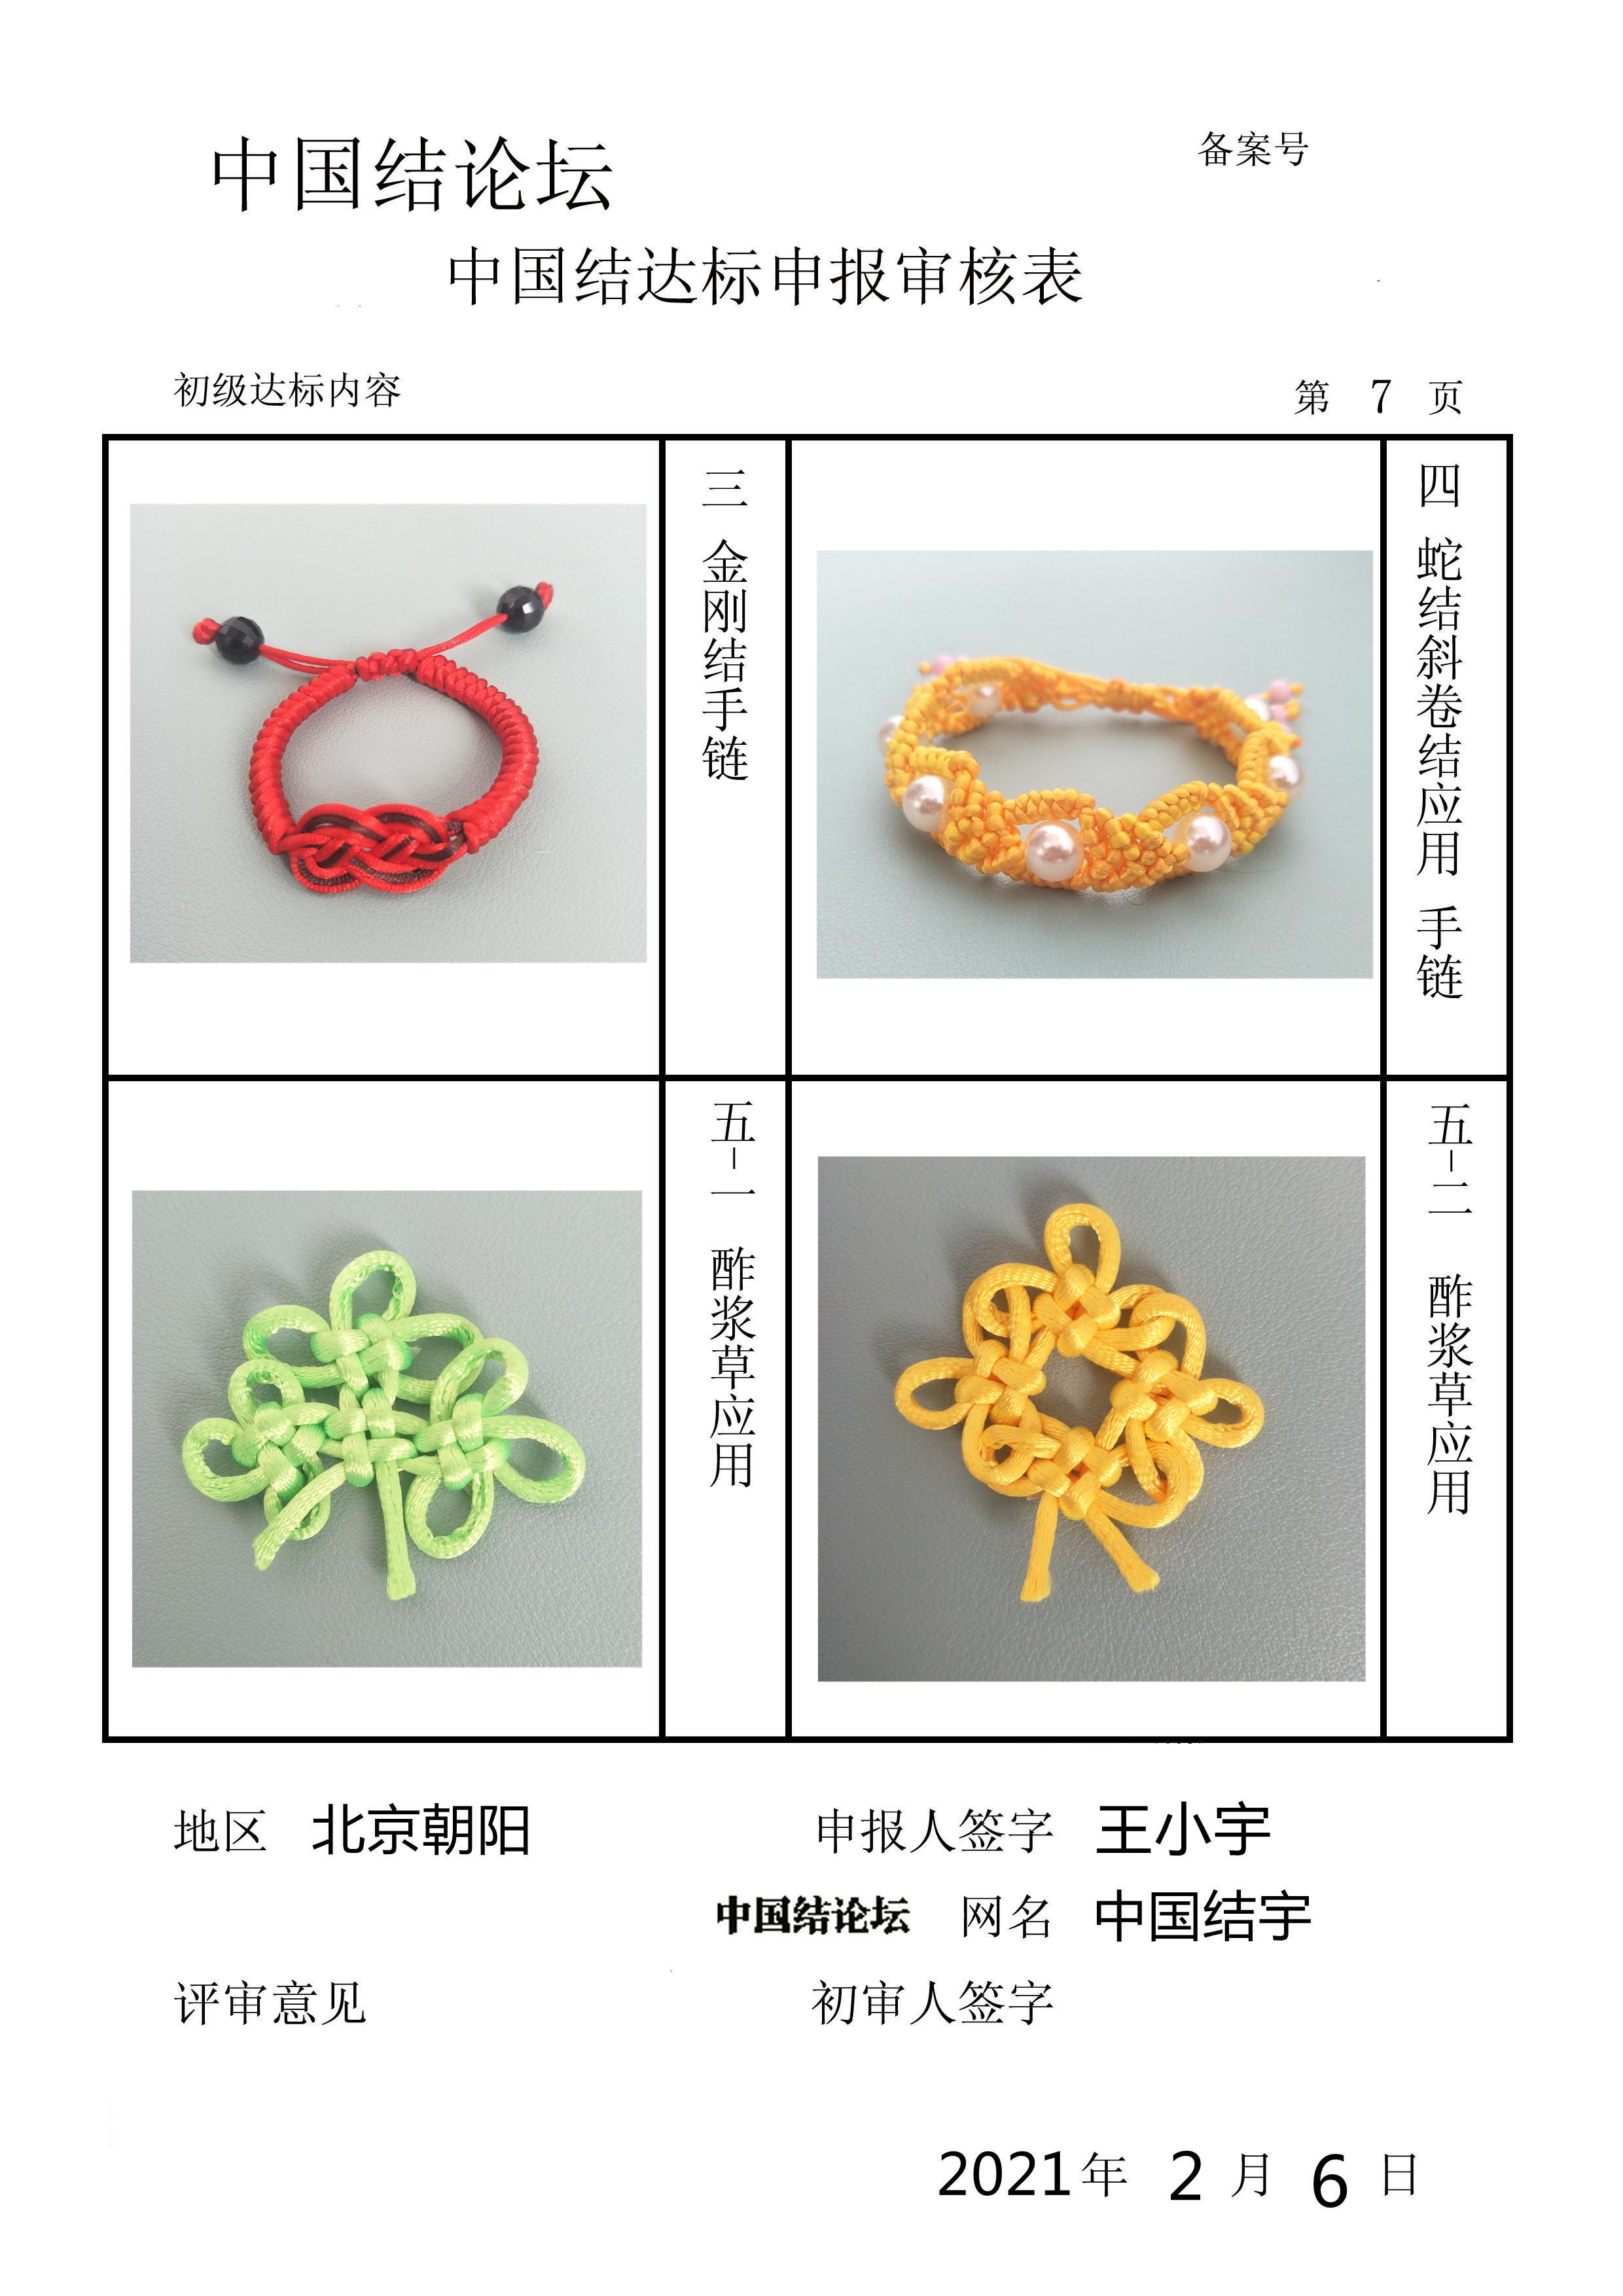 中国结论坛 初级提交审核  中国绳结艺术分级达标审核 161137gb0kx2k110mrt3lm